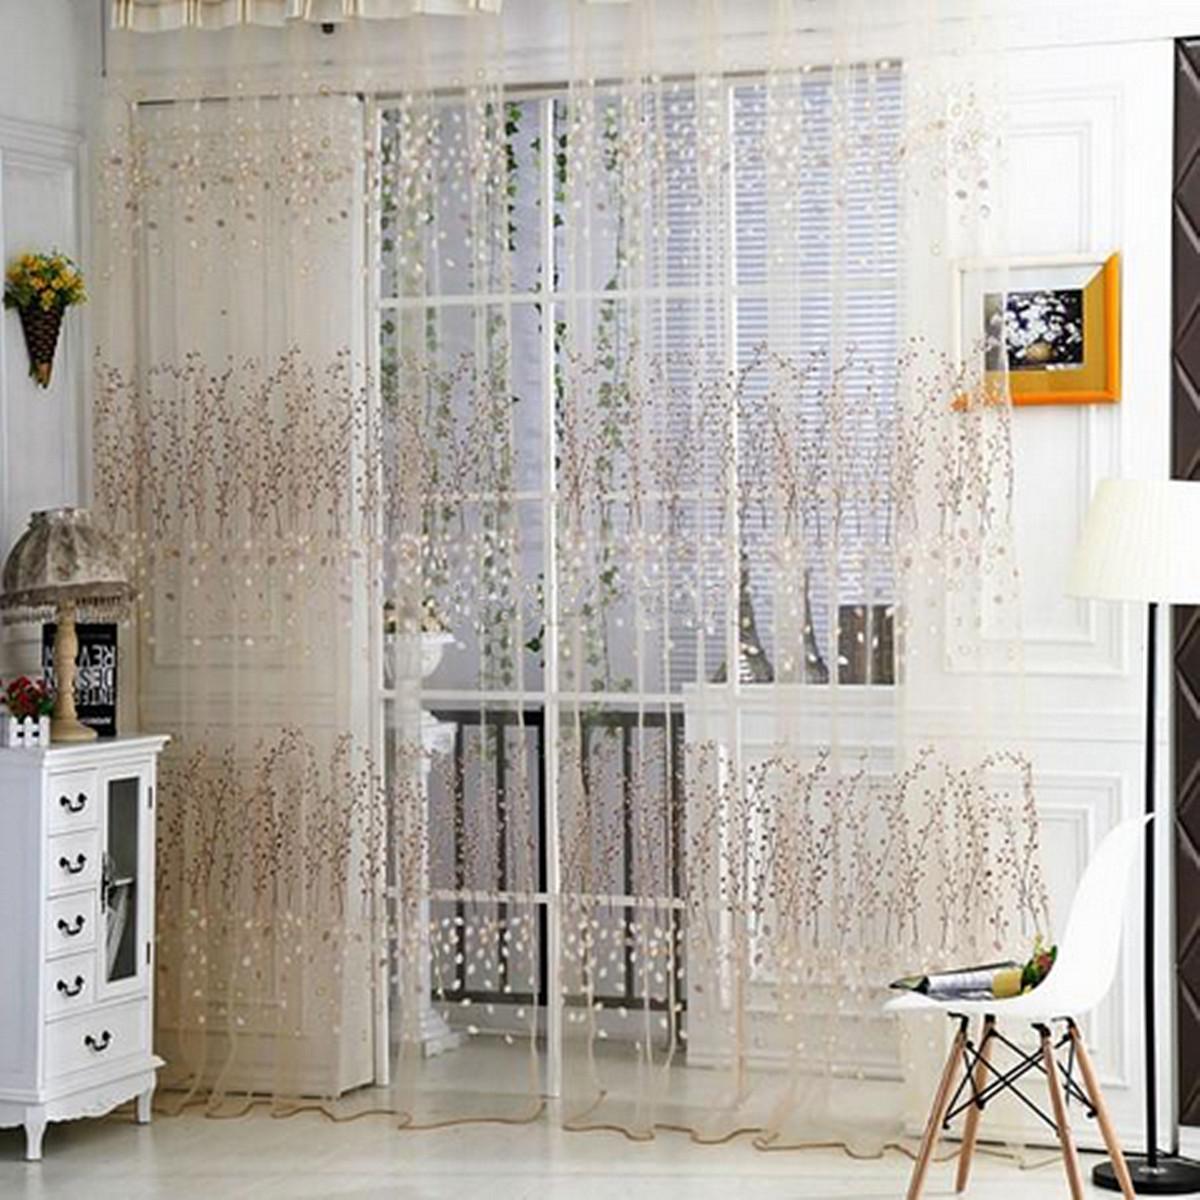 Pastoral rideau fils fil porte fen tre chambre maison fleurs floral voile - Ebay maison a vendre ...